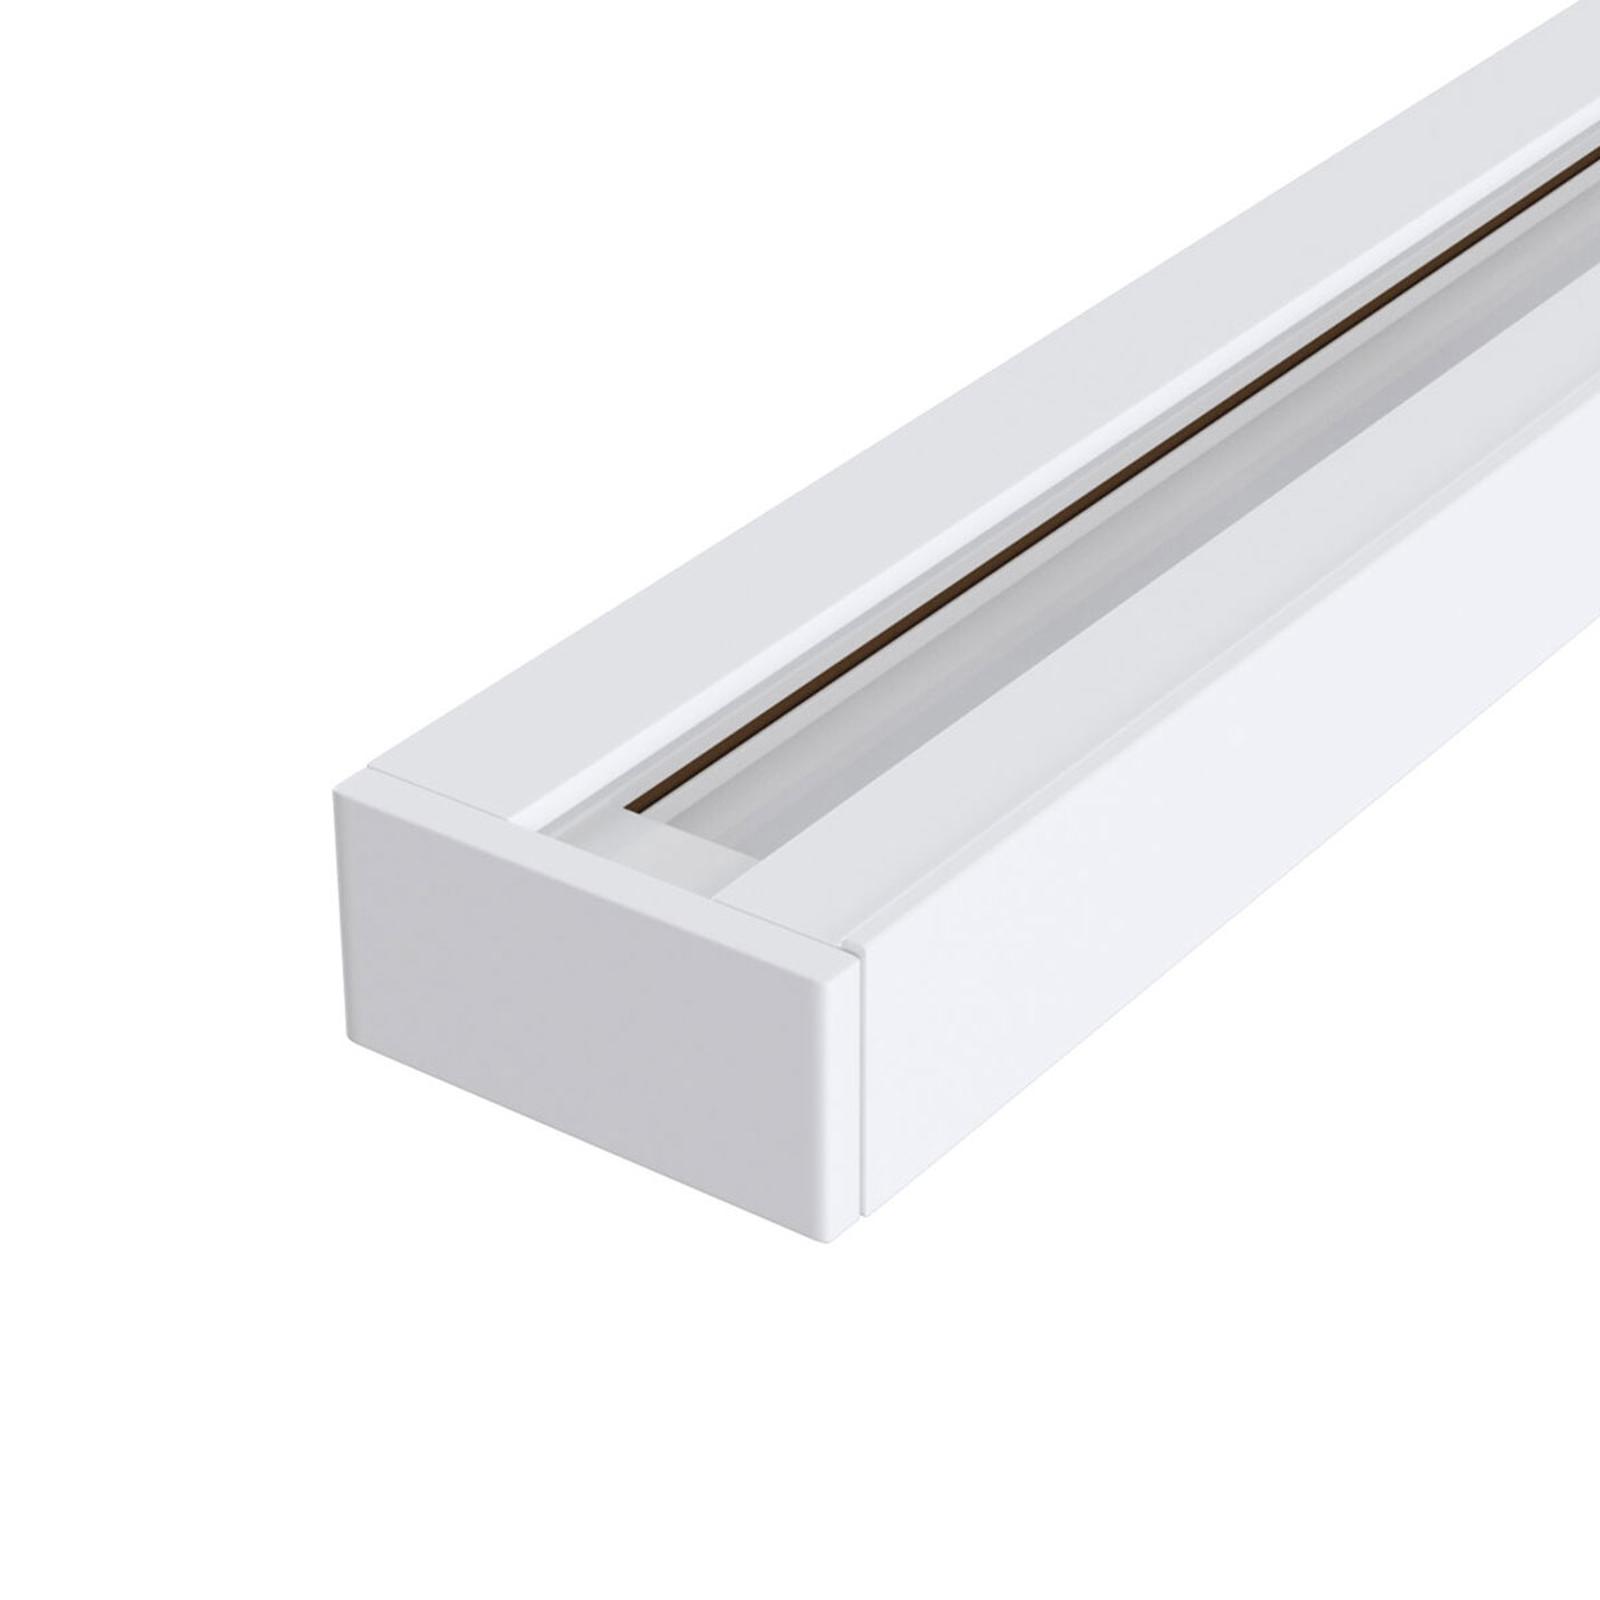 Track 1-faset skinne i hvid, 100 cm